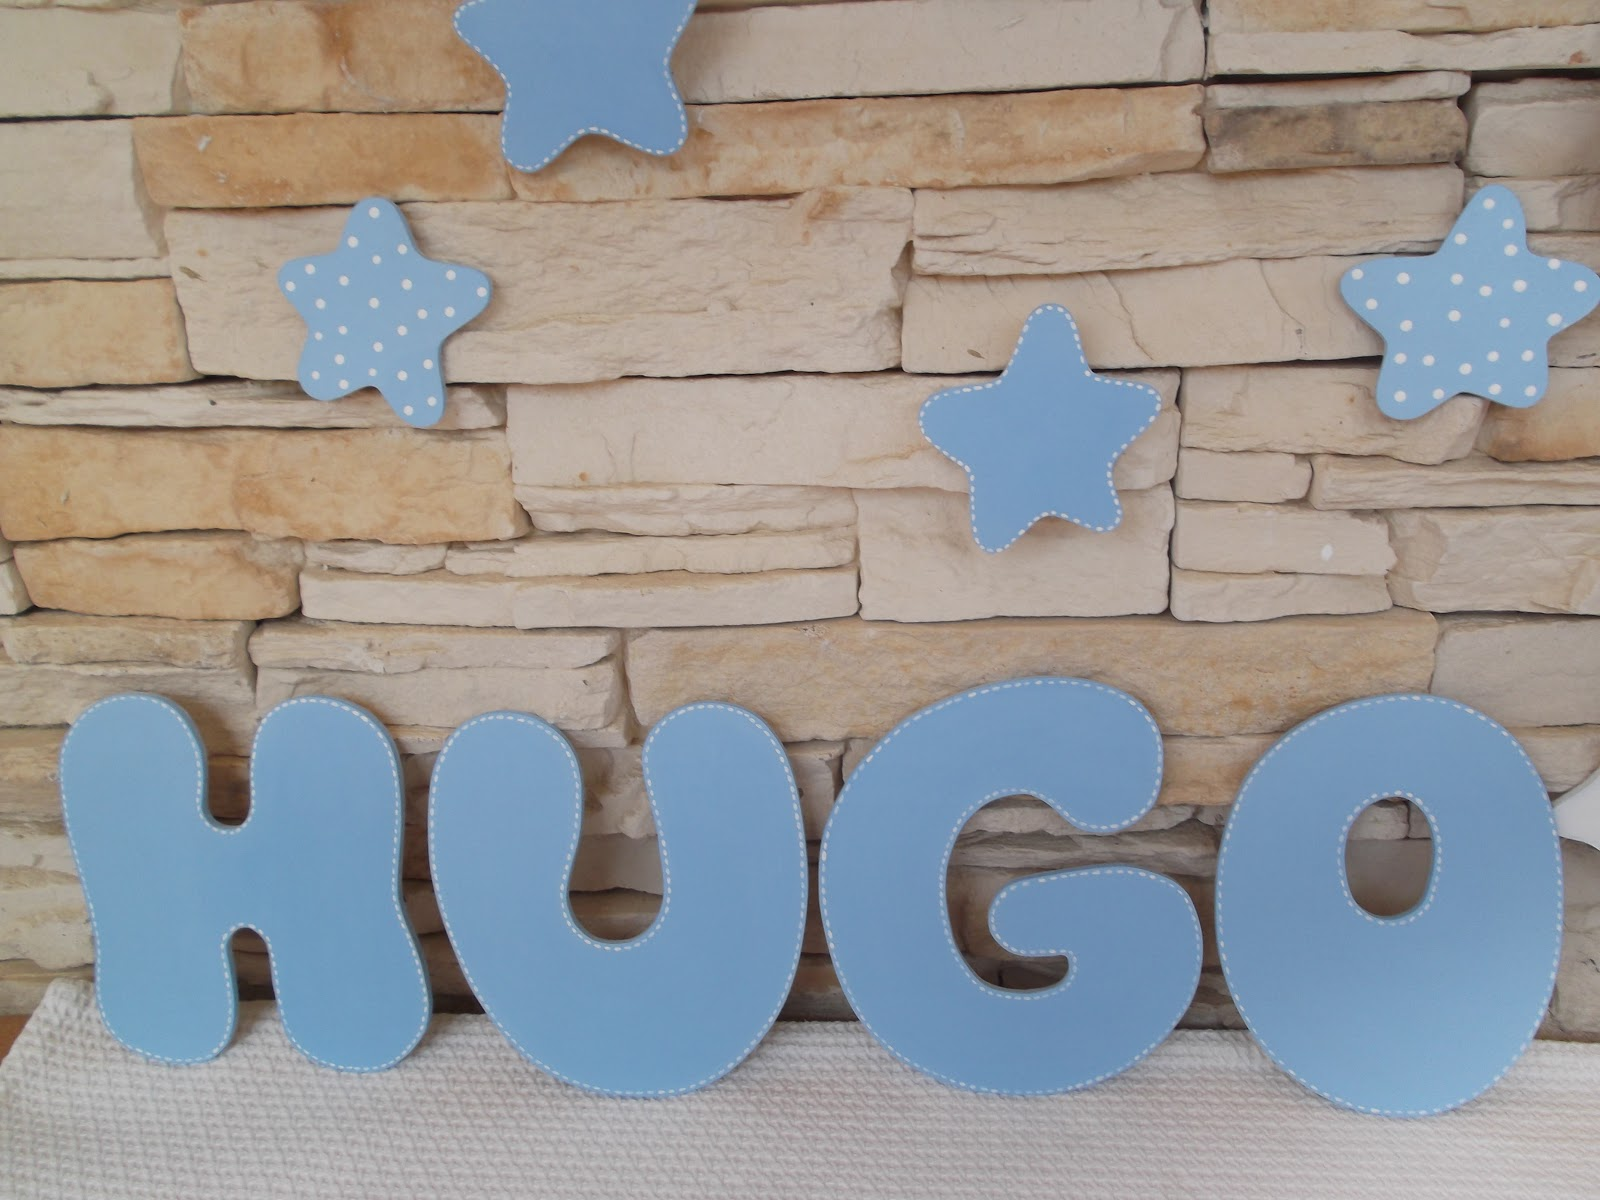 Decoraci n infantil pekerines letras de madera para - Casa letras madera ...